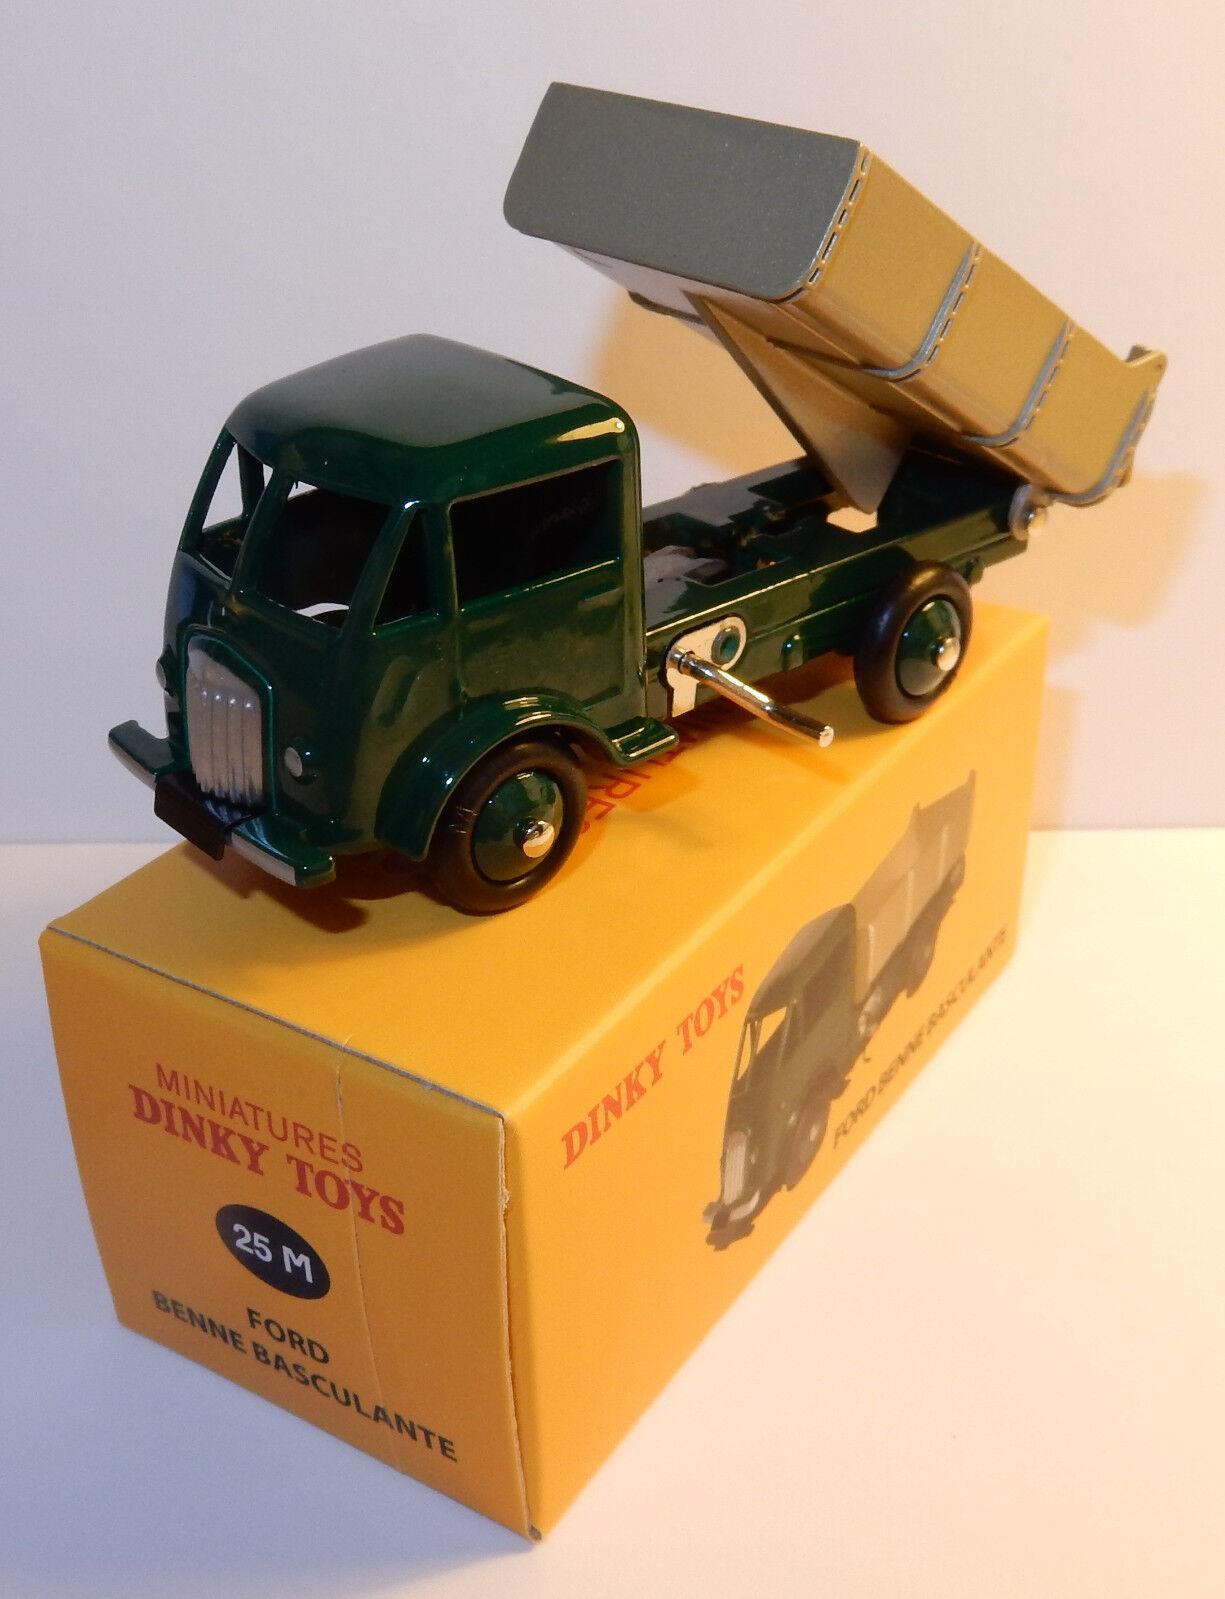 Reissue Dinky Toys Atlas Truck Ford Truck Benne Tilting Ref 82ft in Box B